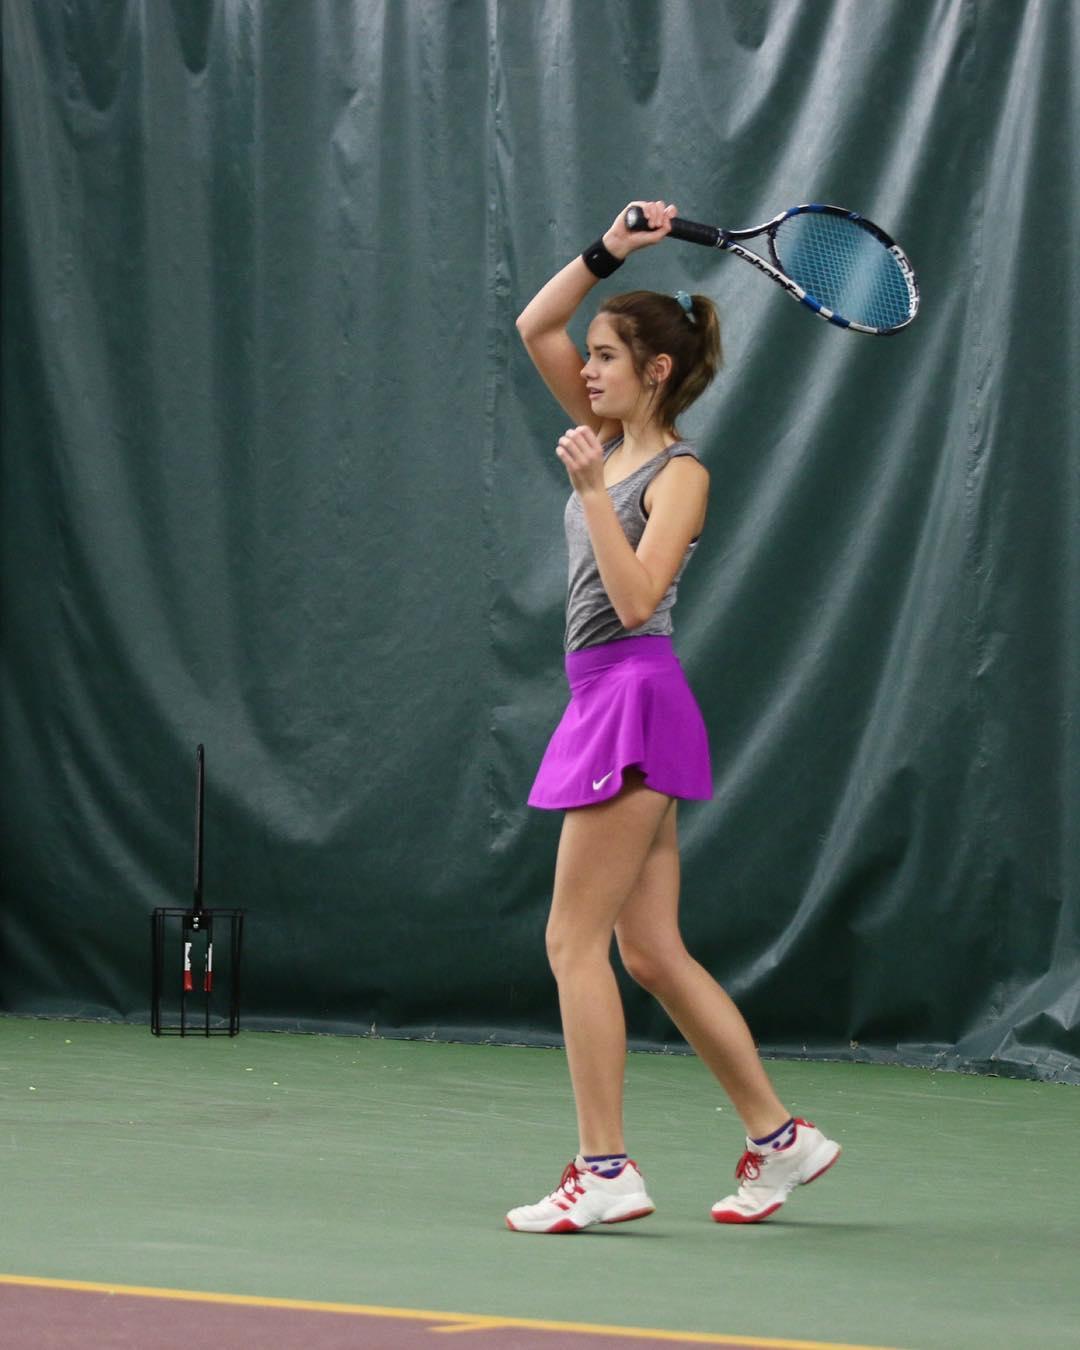 網球王女!14歲甜美少女「撞臉妙麗」 打球曬「不科學長腿」網秒追蹤:這還是人類嗎?